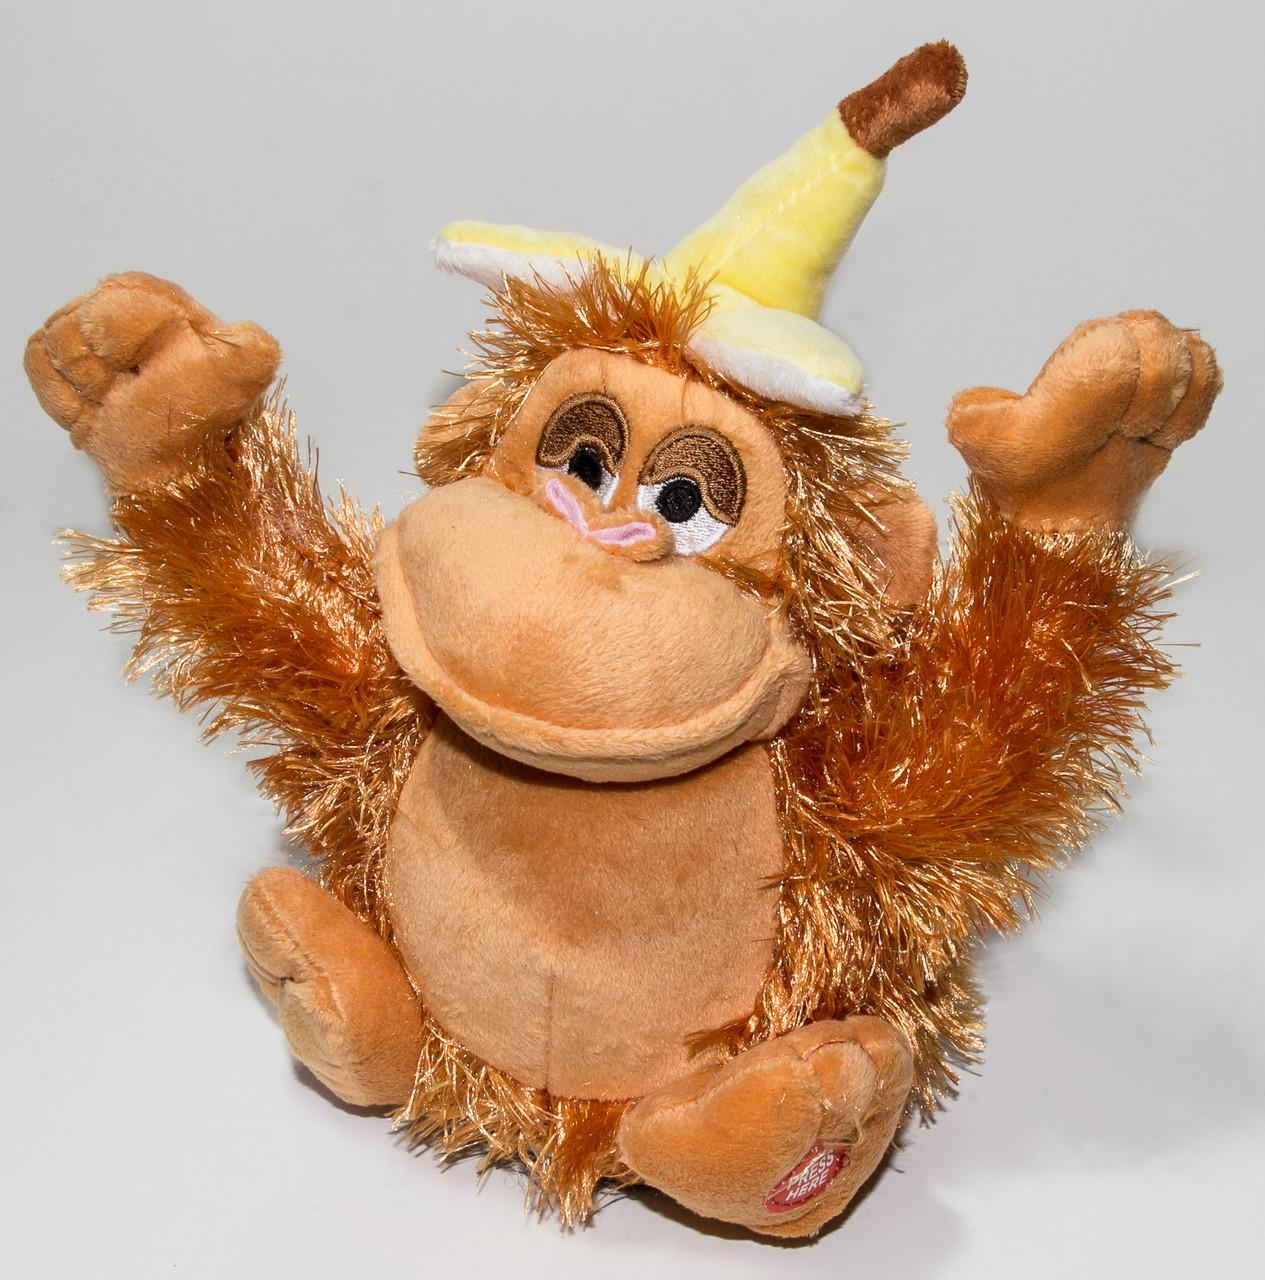 Интерактивная игрушка, танцующая и поющая обезьяна.